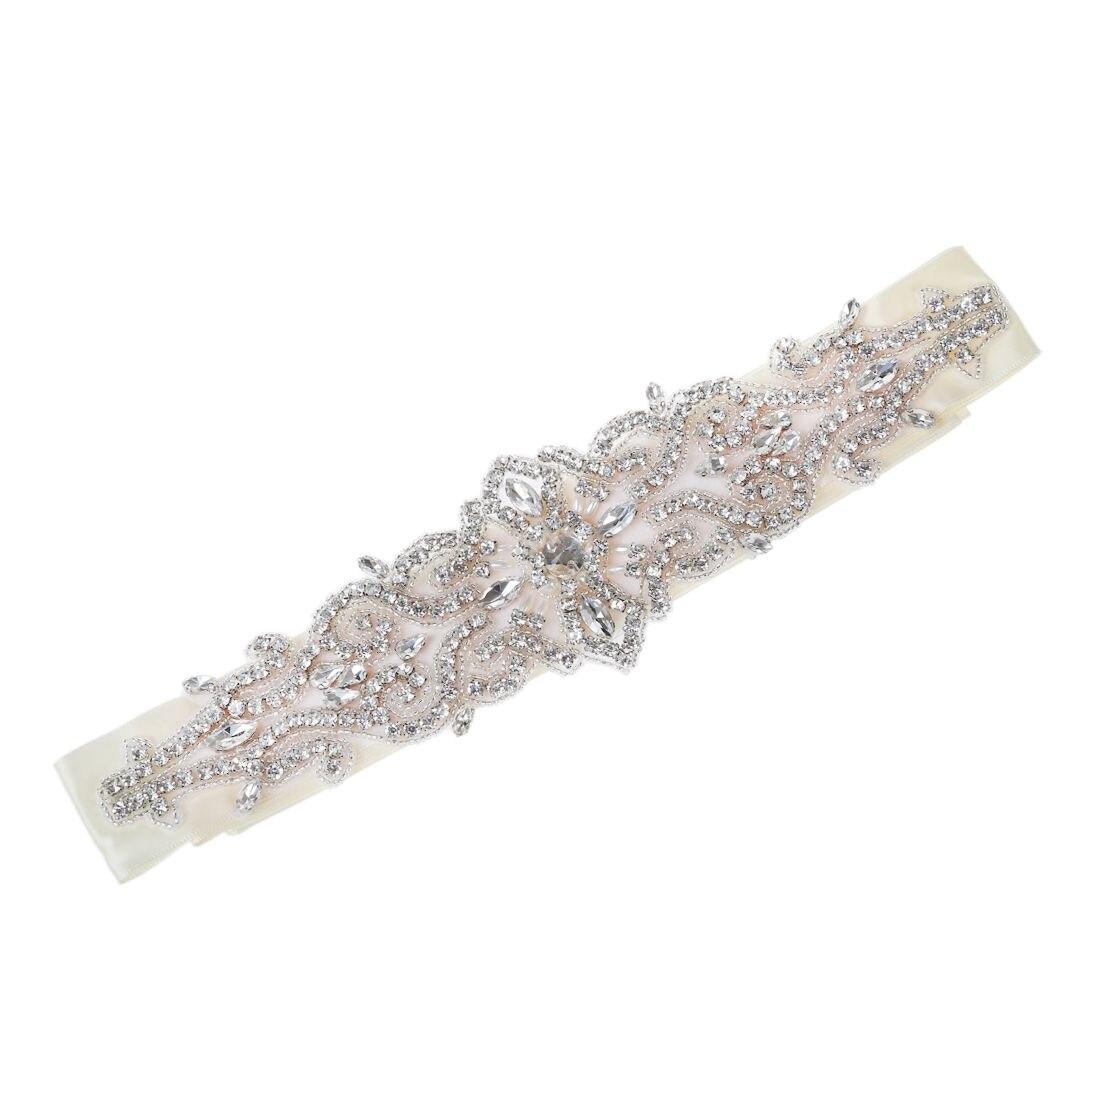 Vintage Handmade Crystal Rhinestones Wedding Dress Bridal Sash Belt